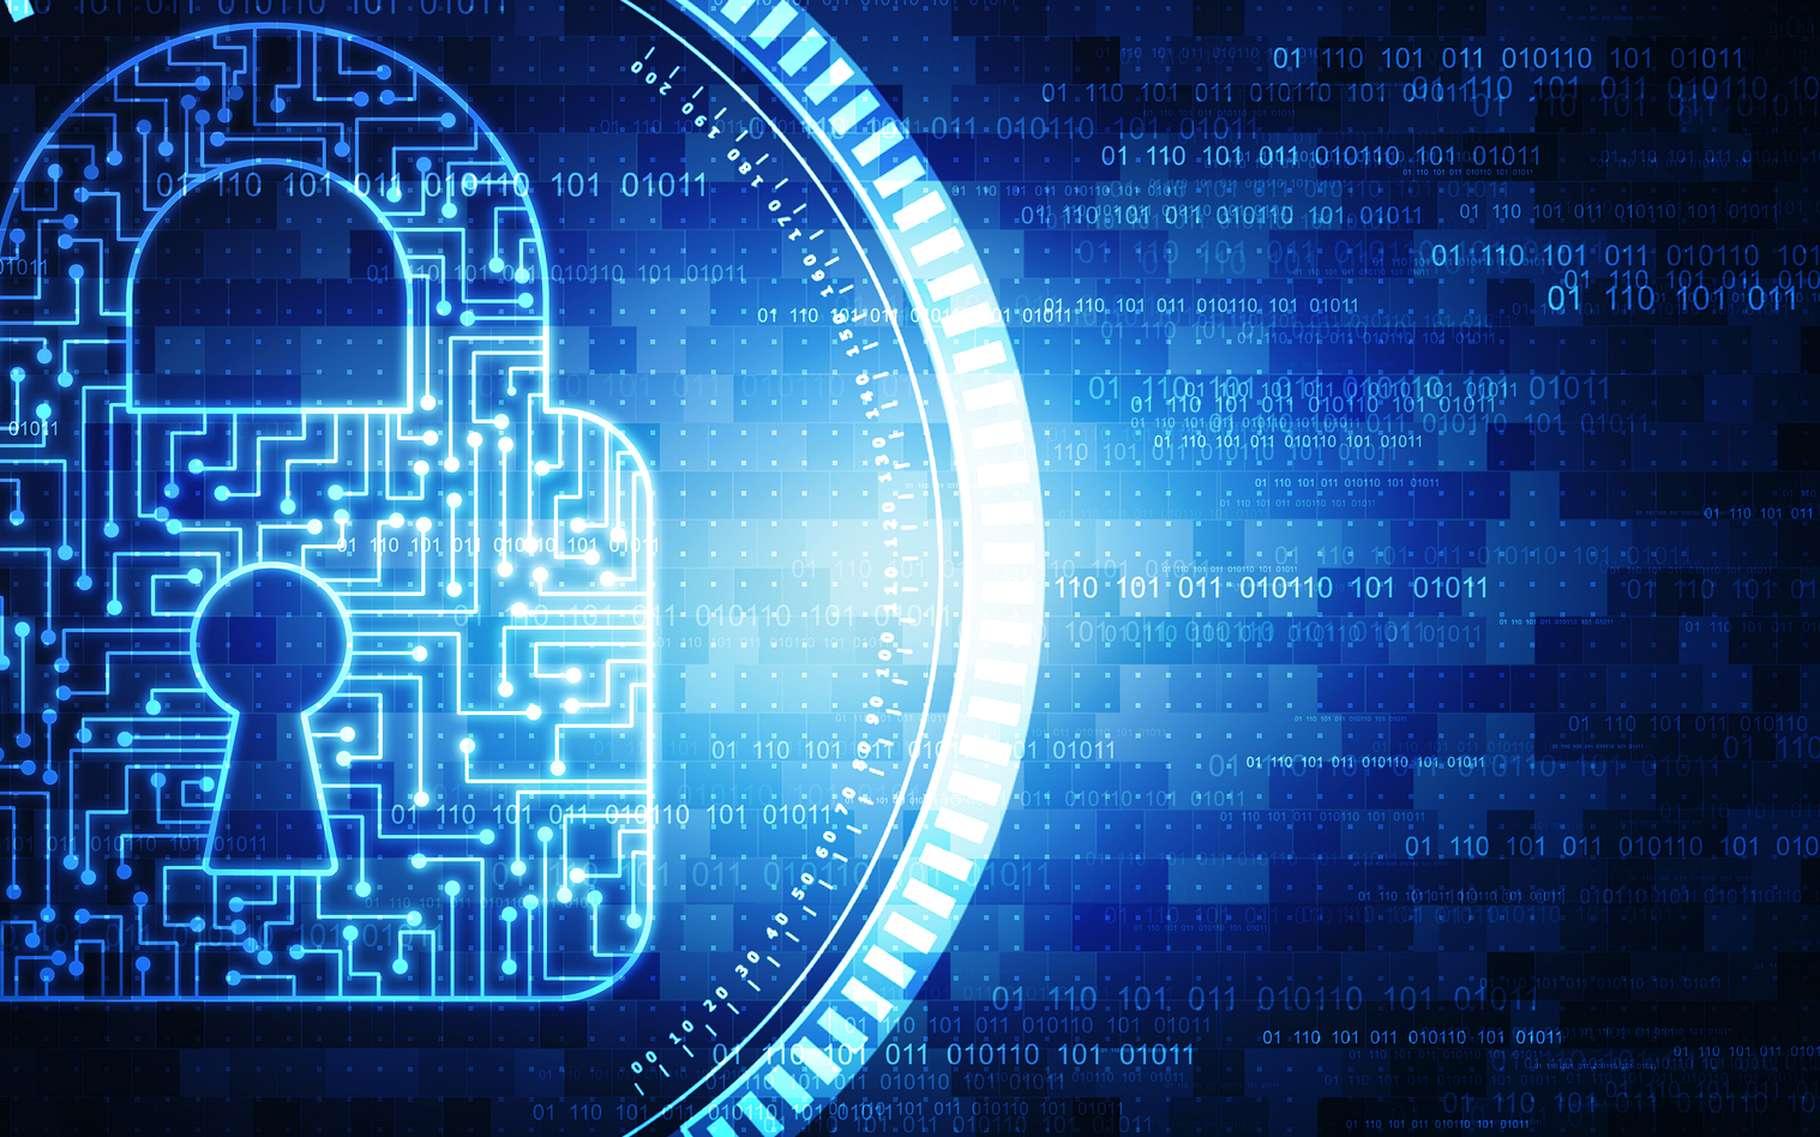 Le ministère américain de la Défense souhaite renforcer la sécurité des smartphones en exploitant leurs capteurs pour identifier les postures de l'utilisateur et notamment sa démarche. © depadesigns, Sutterstock